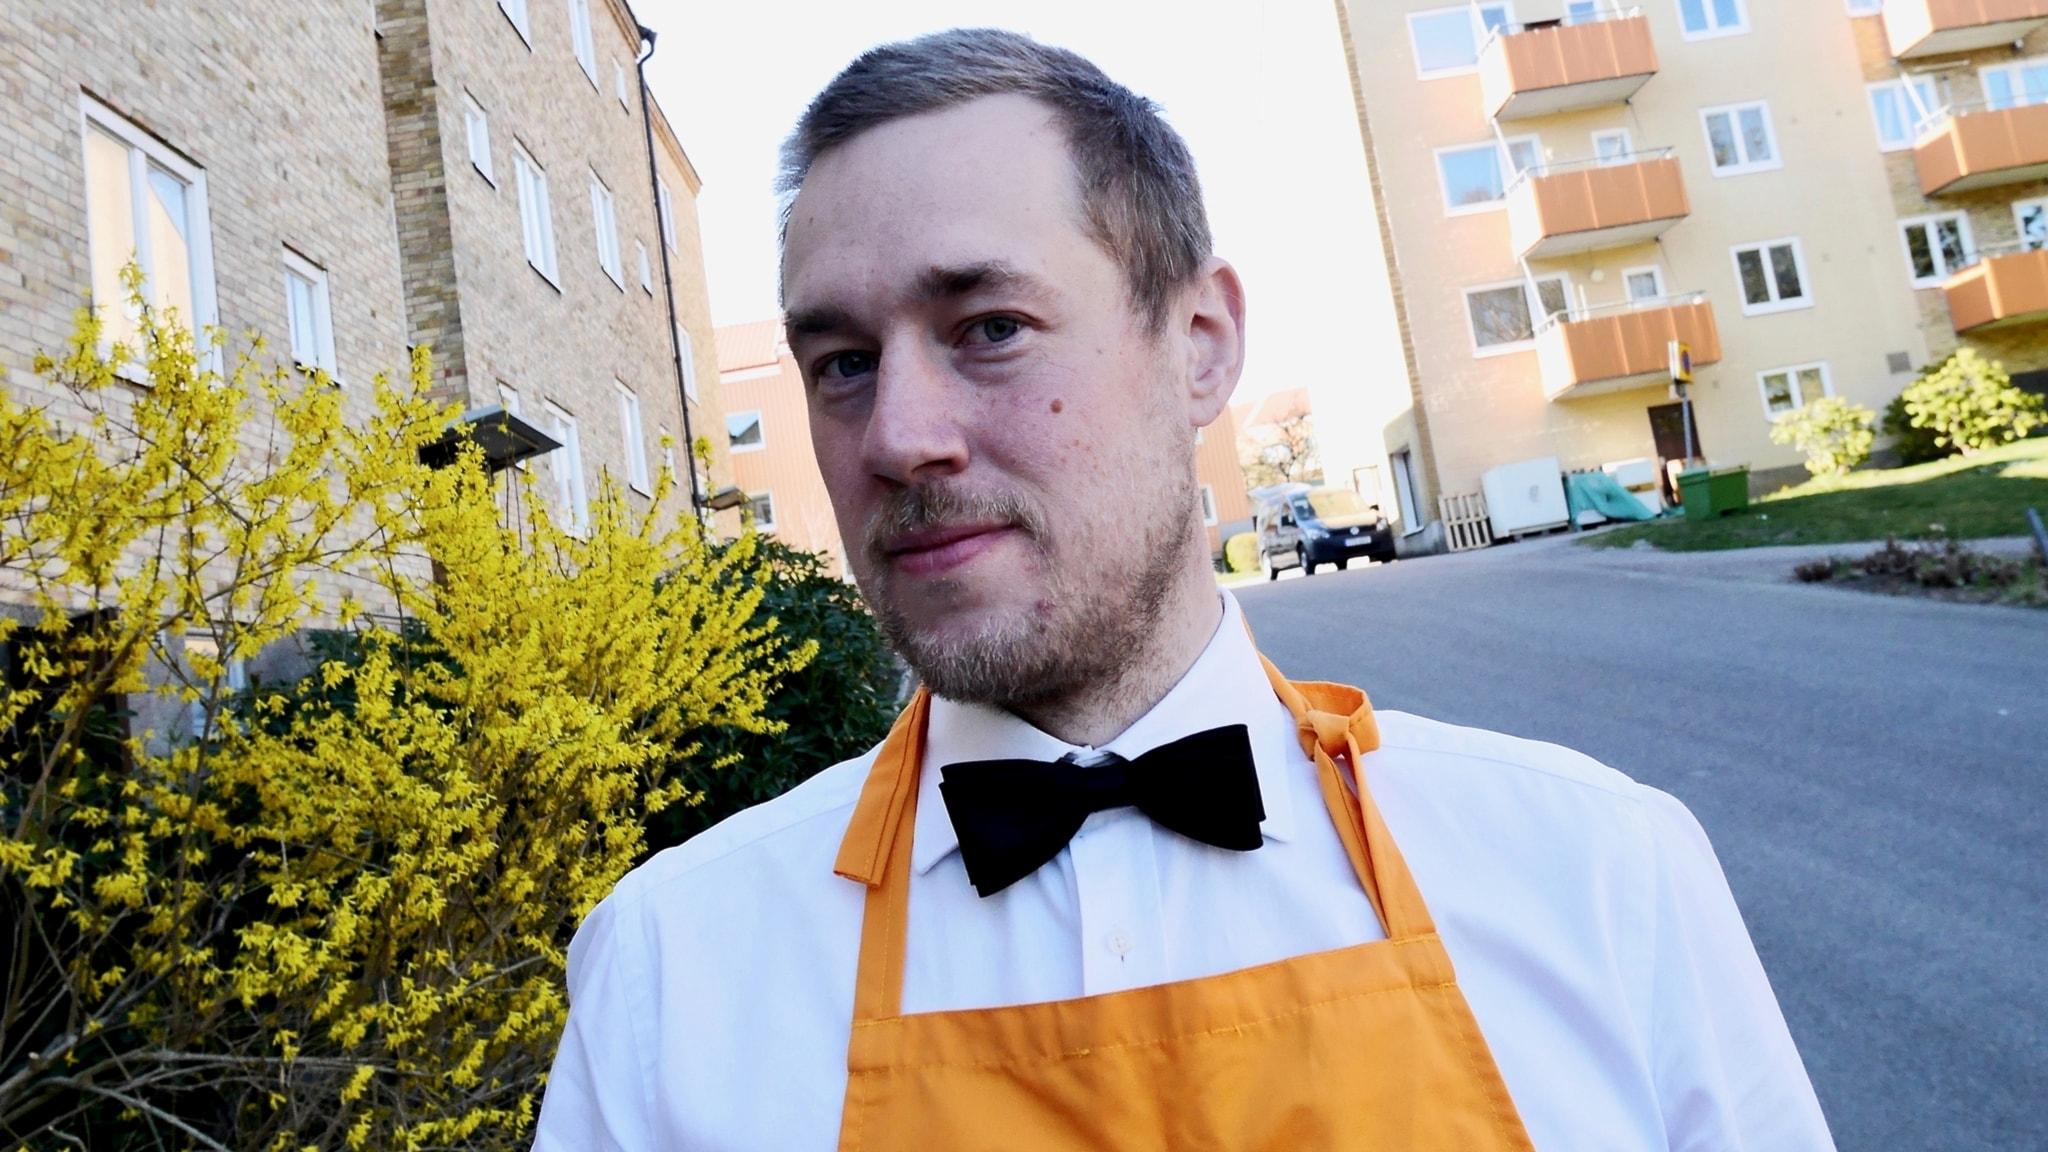 Popparen Bruno Lindberg tog poppandet till nya nivåer när han läste livsmedelsteknik på Chalmers.